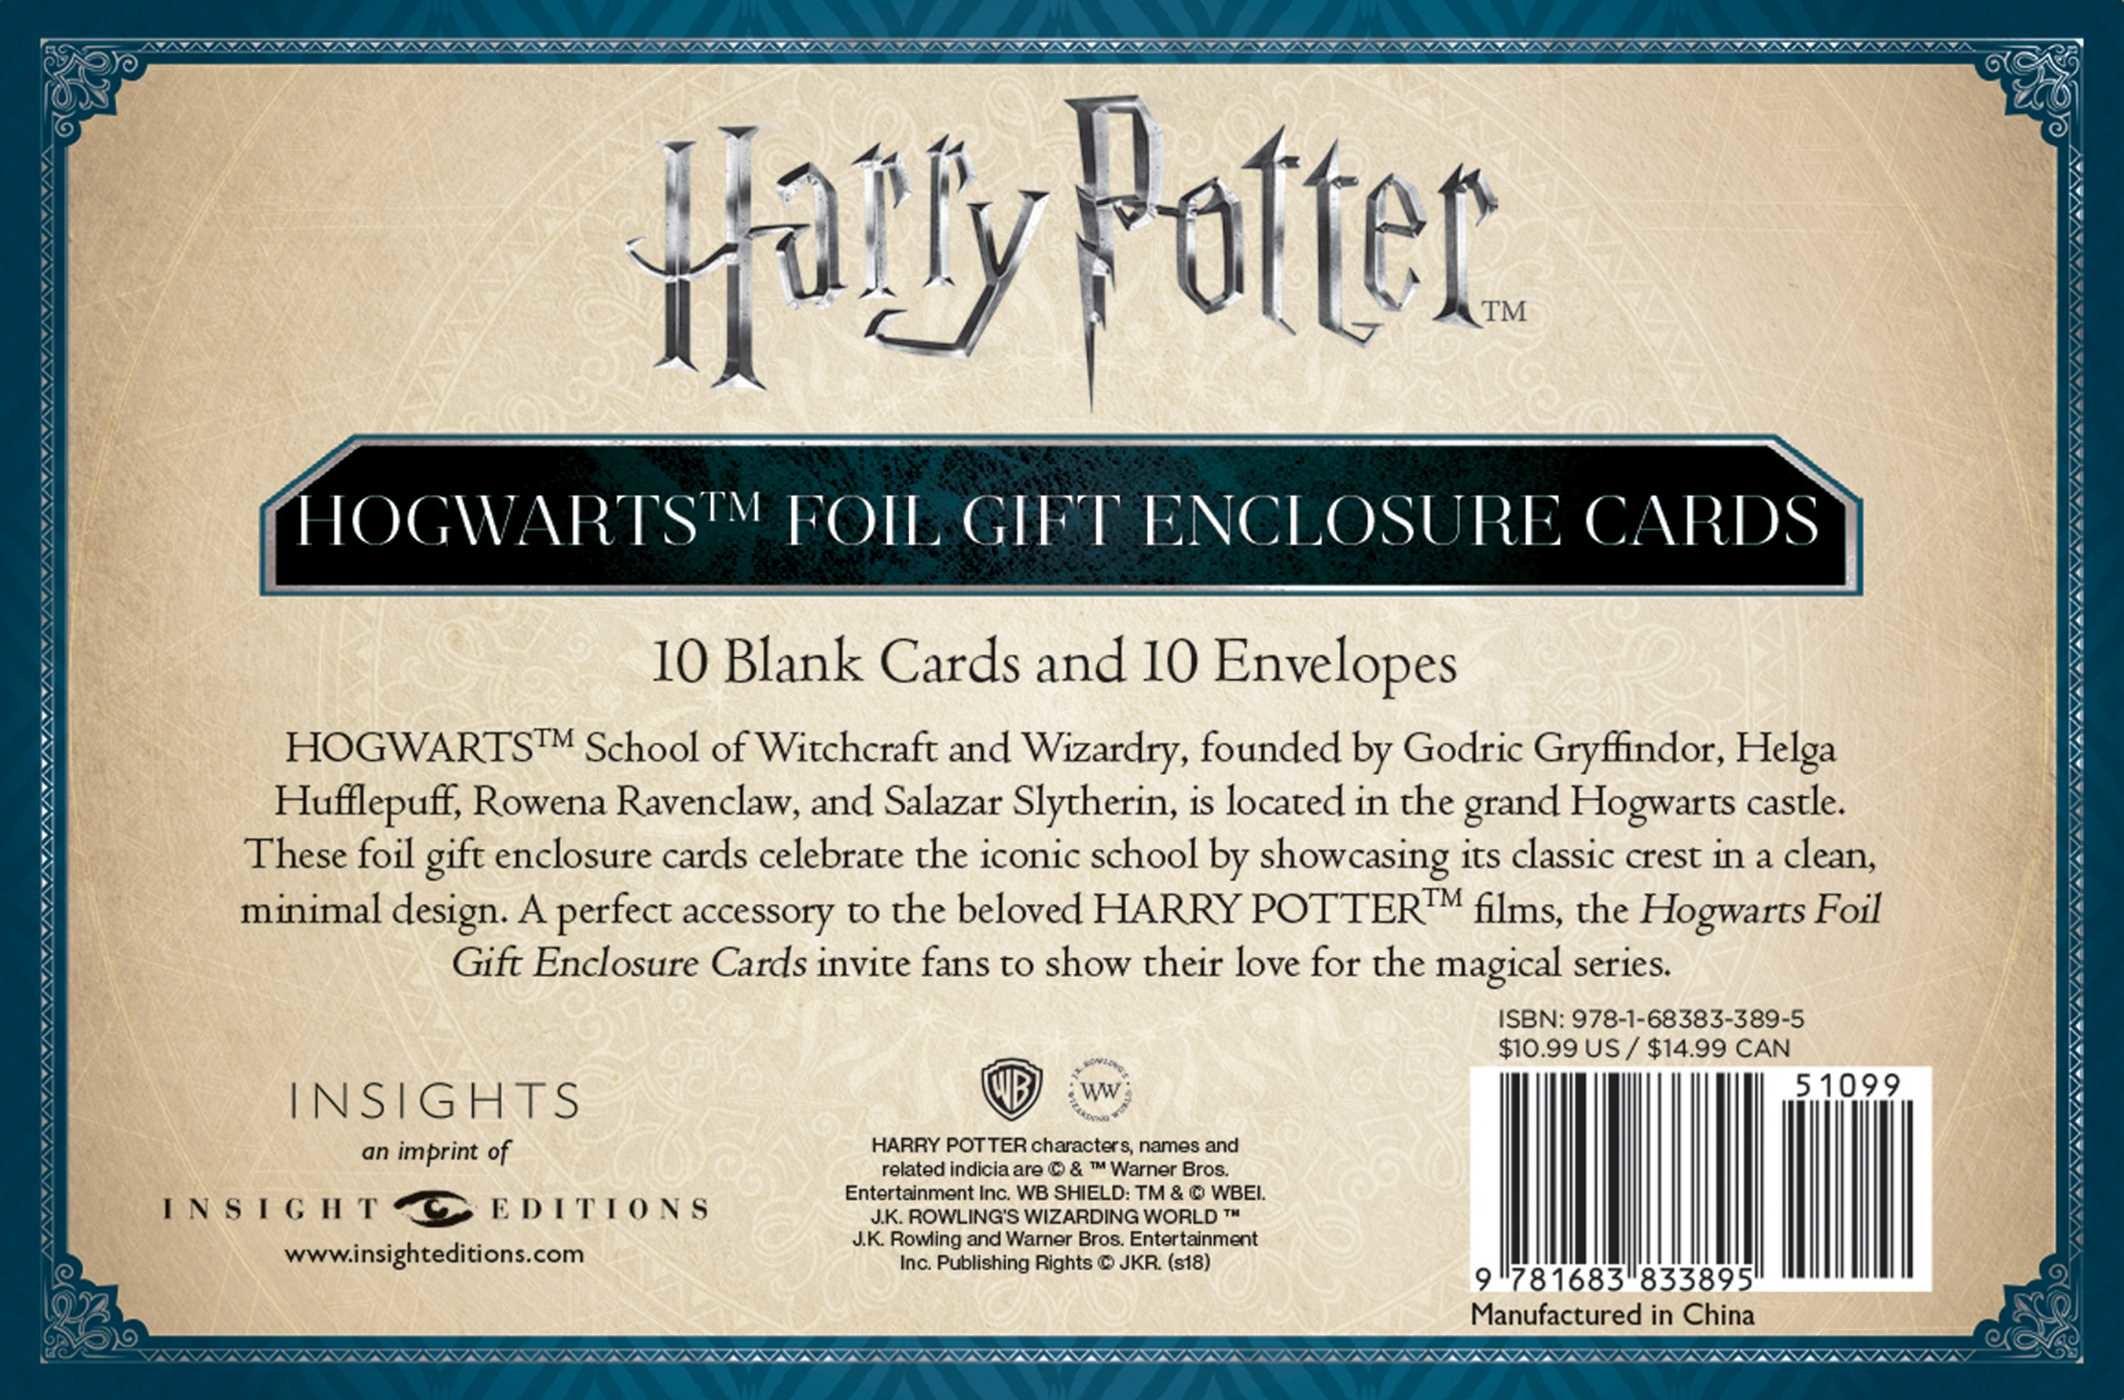 Harry potter hogwarts foil gift enclosure cards set of 10 book harry potter hogwarts crest foil gift enclosure cards set of 10 978168383389501 fandeluxe Image collections